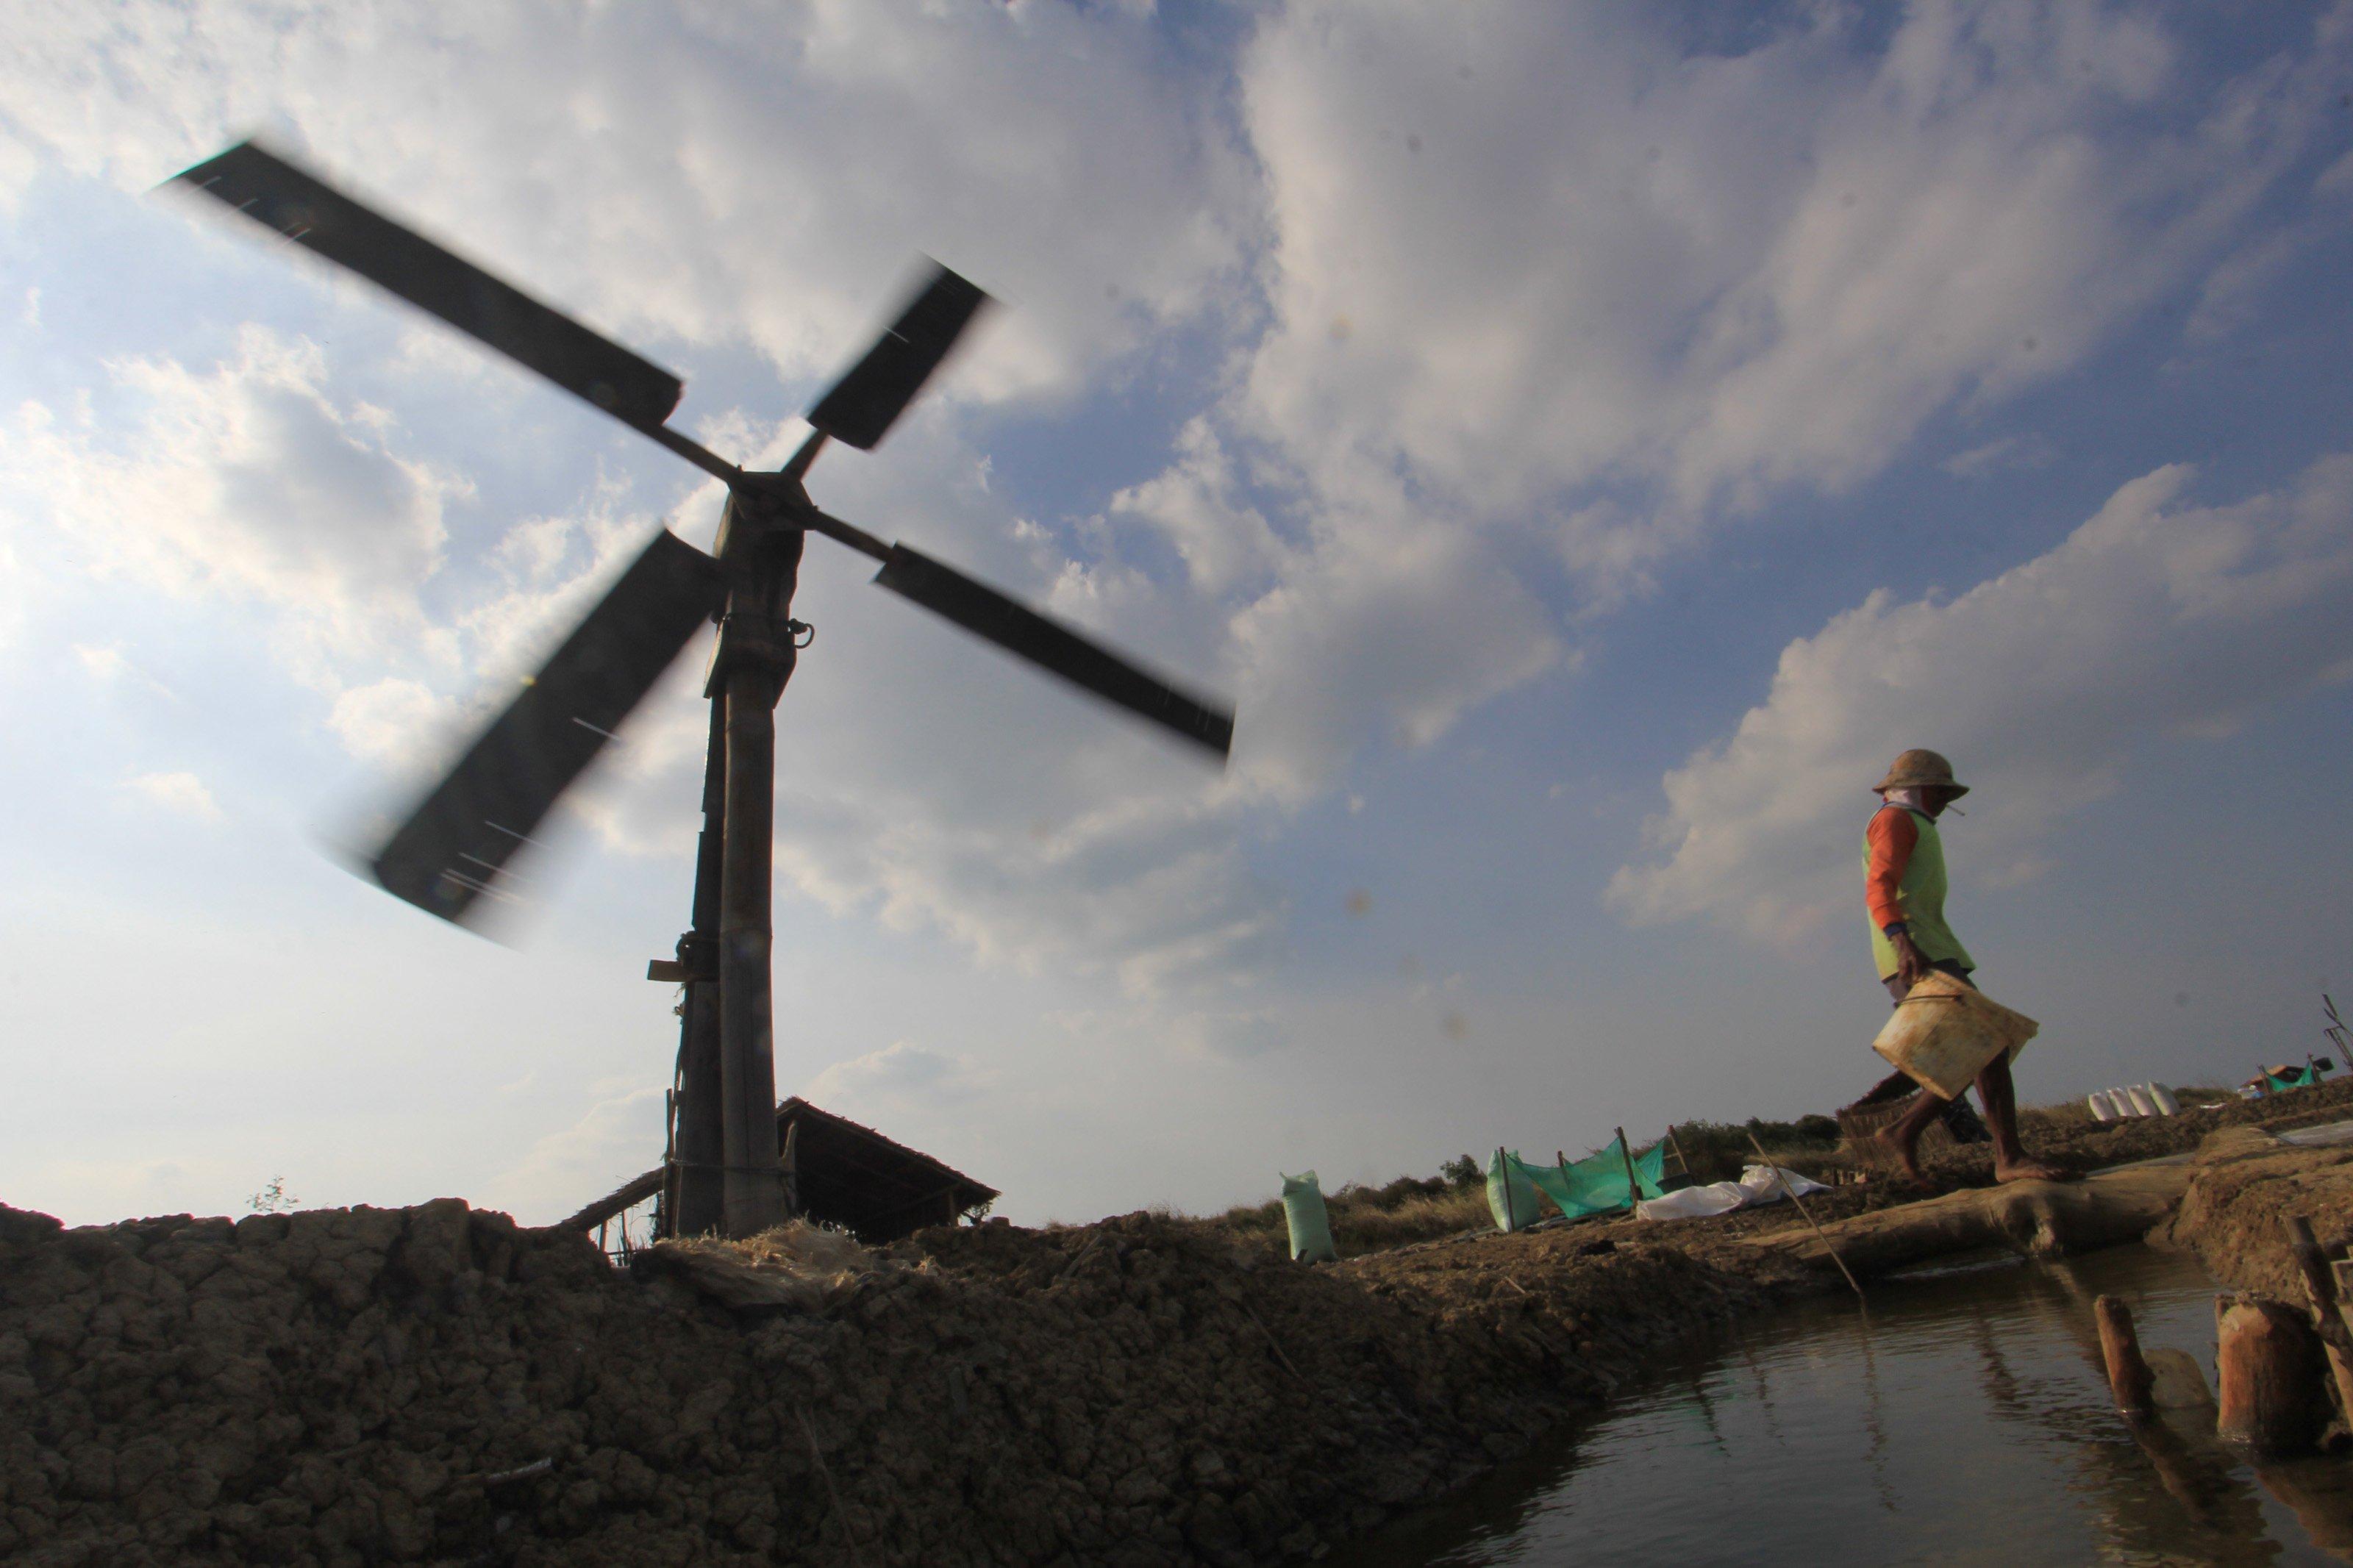 Suasana khas tambak garam, kincir angin untuk memompa air ke areal lahan garam.